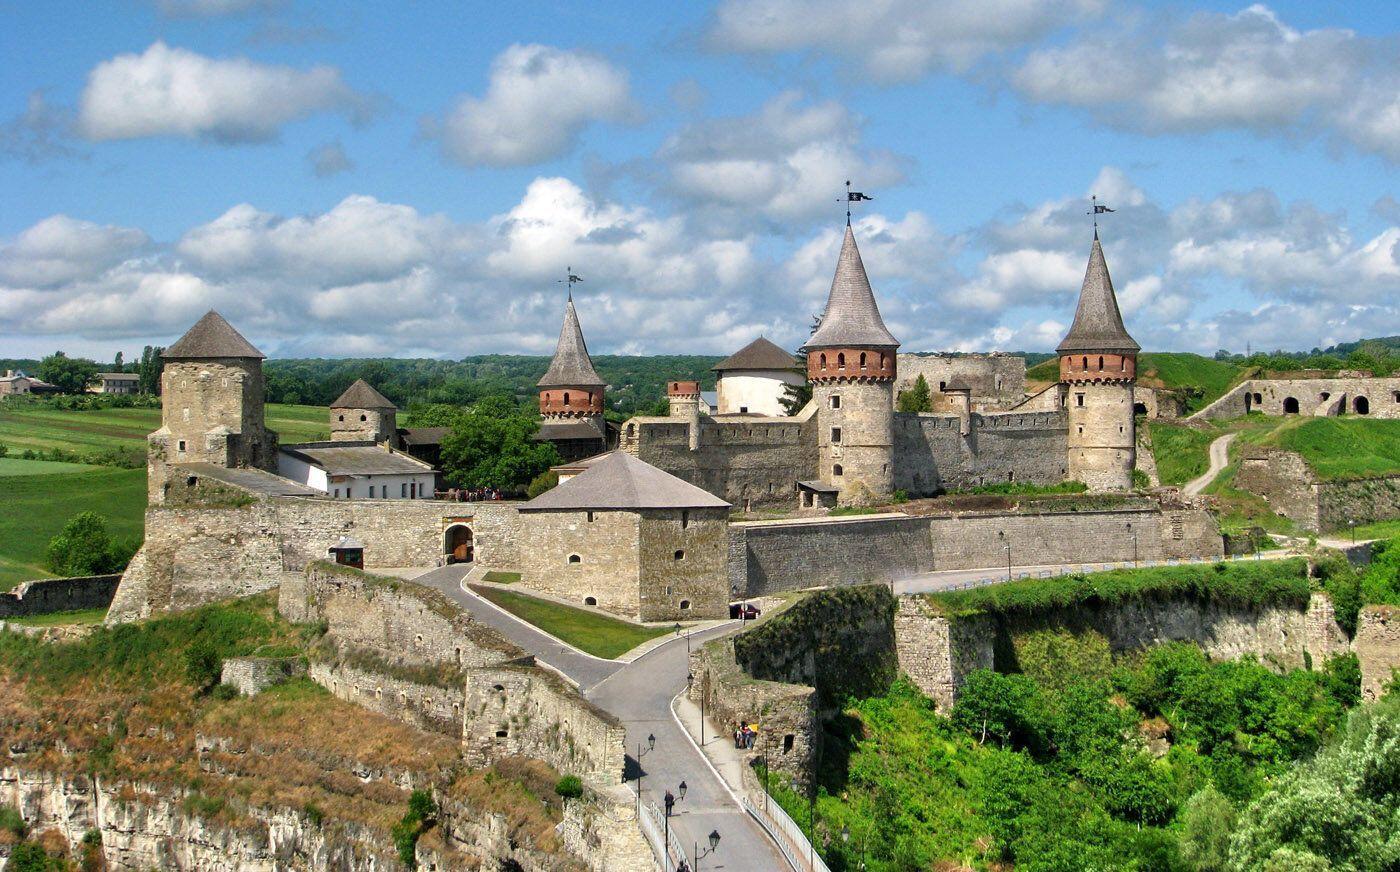 Любой турист сможет почувствовать настоящий дух средневековья и полюбоваться невероятными видами и ландшафтами.